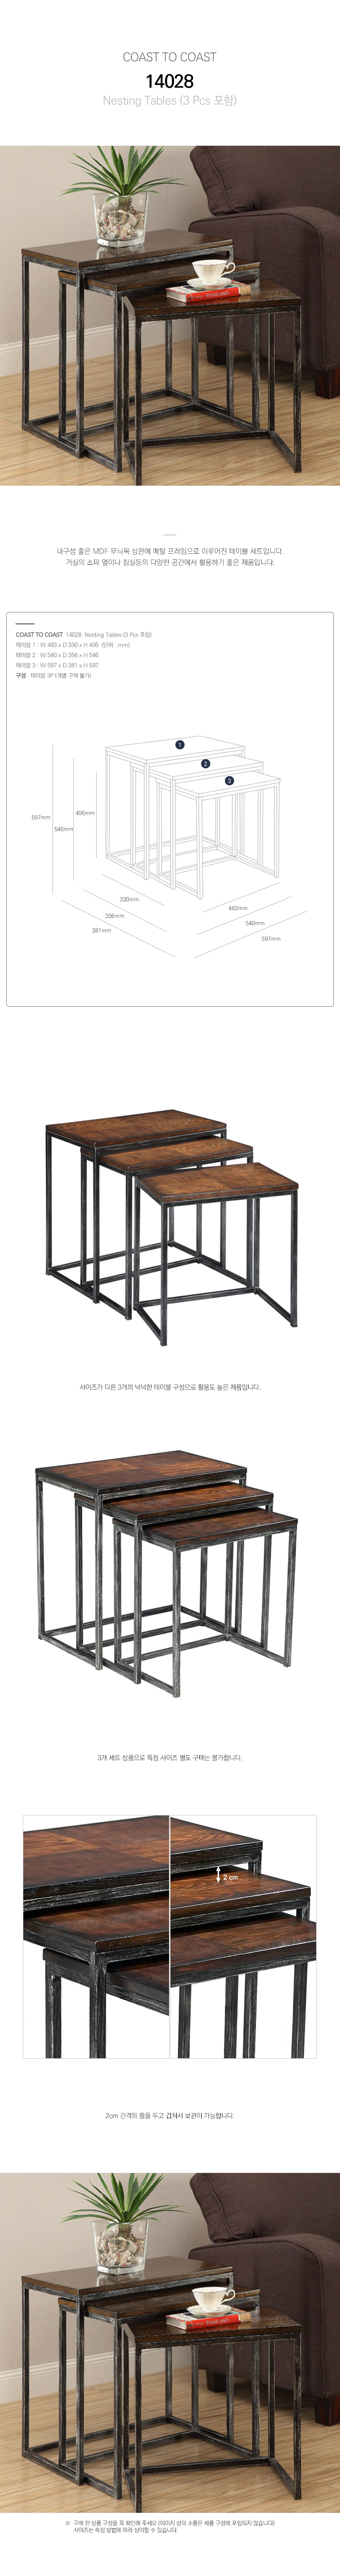 3_7_14028_Nesting_Tables.jpg